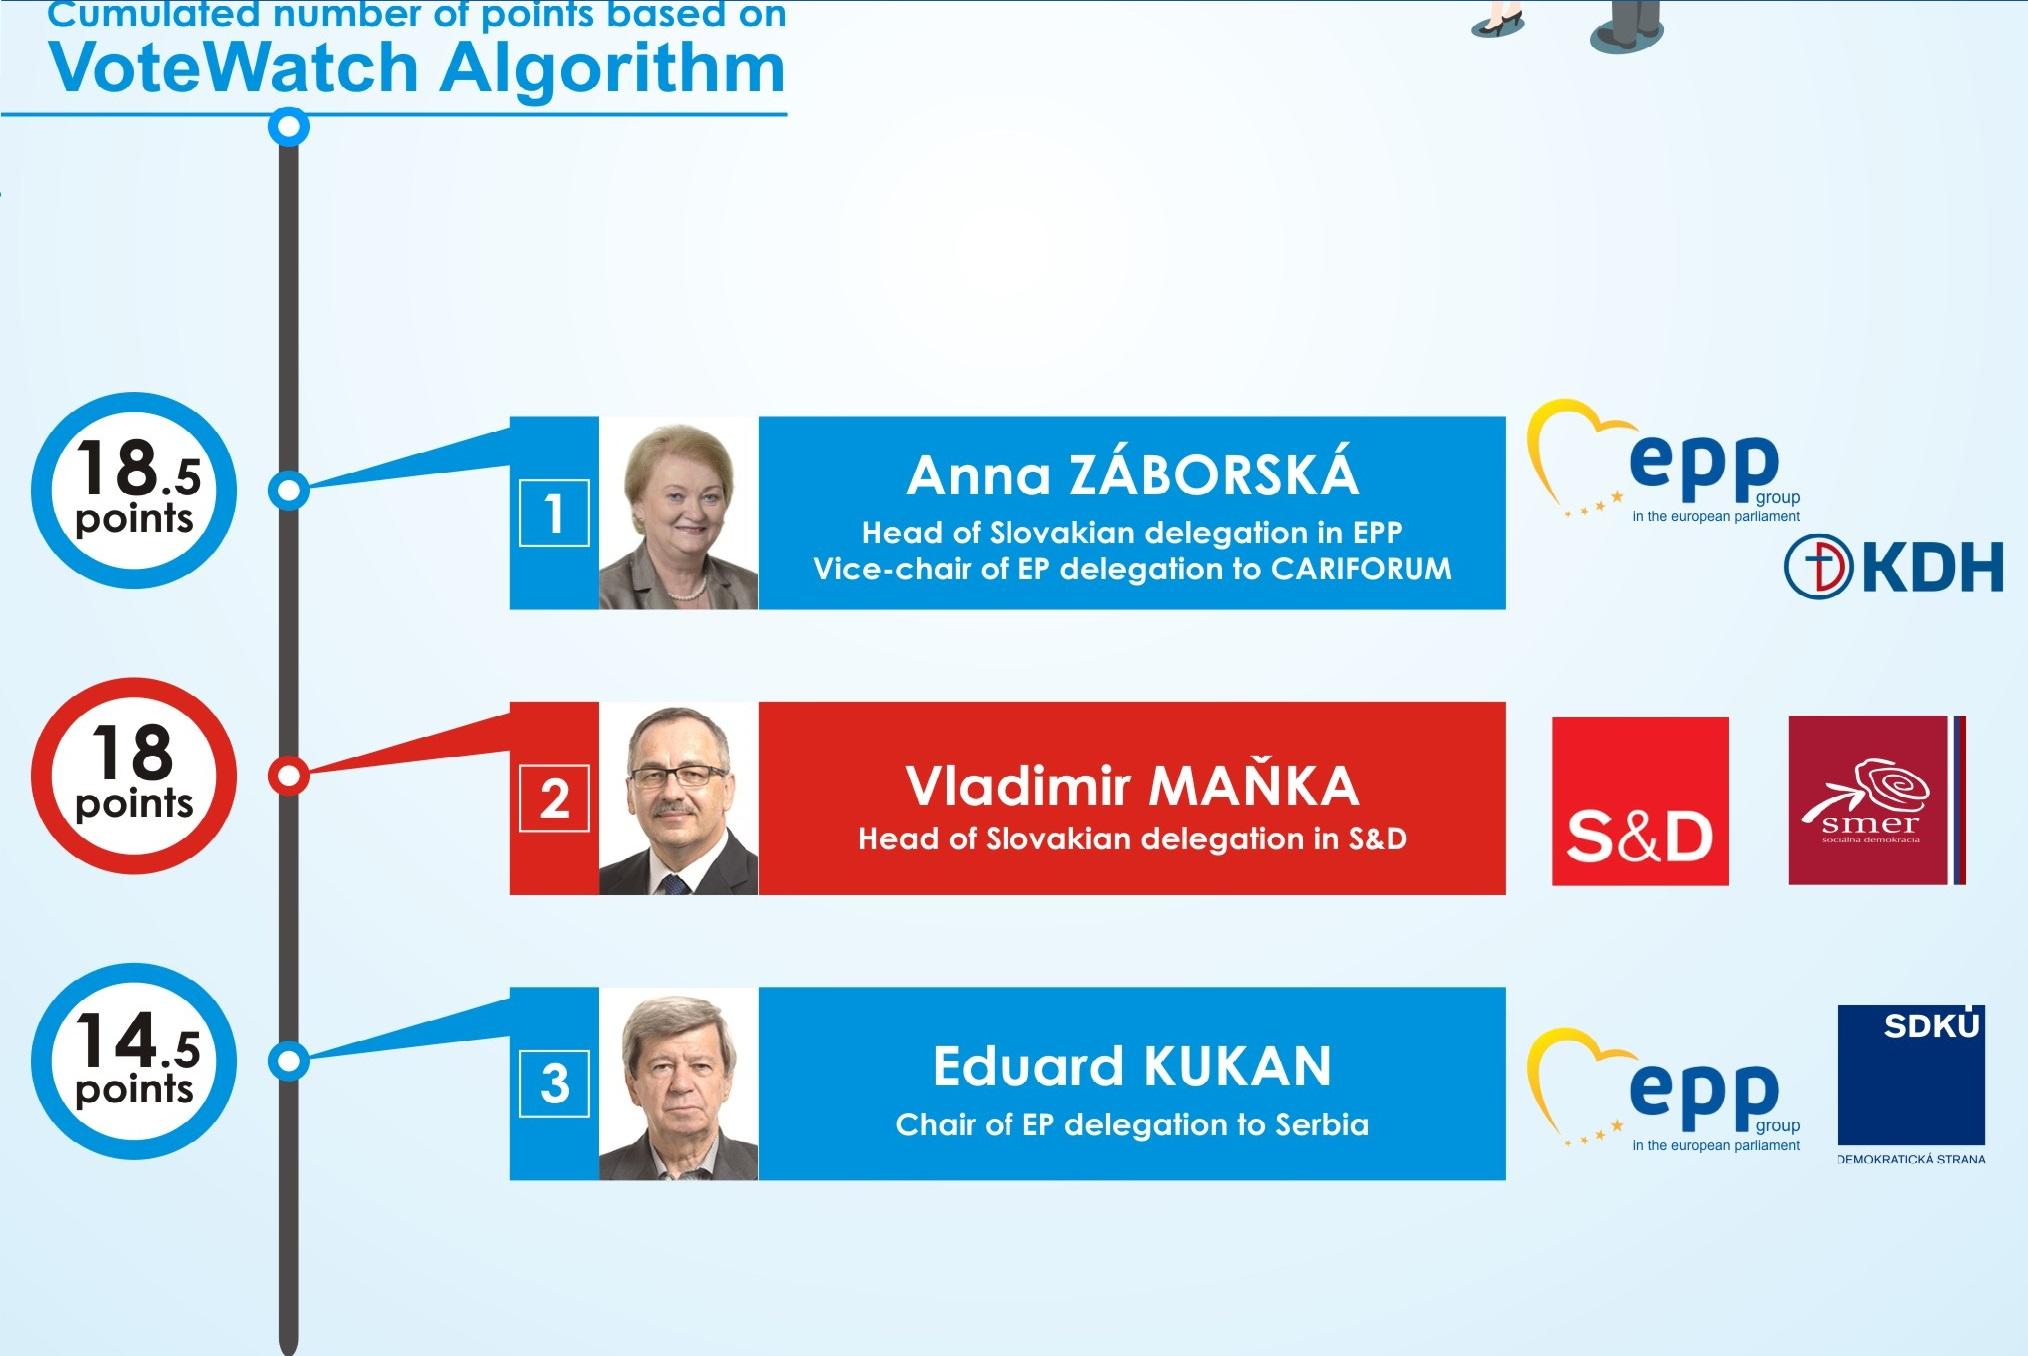 slovenski europoslanci votewatch